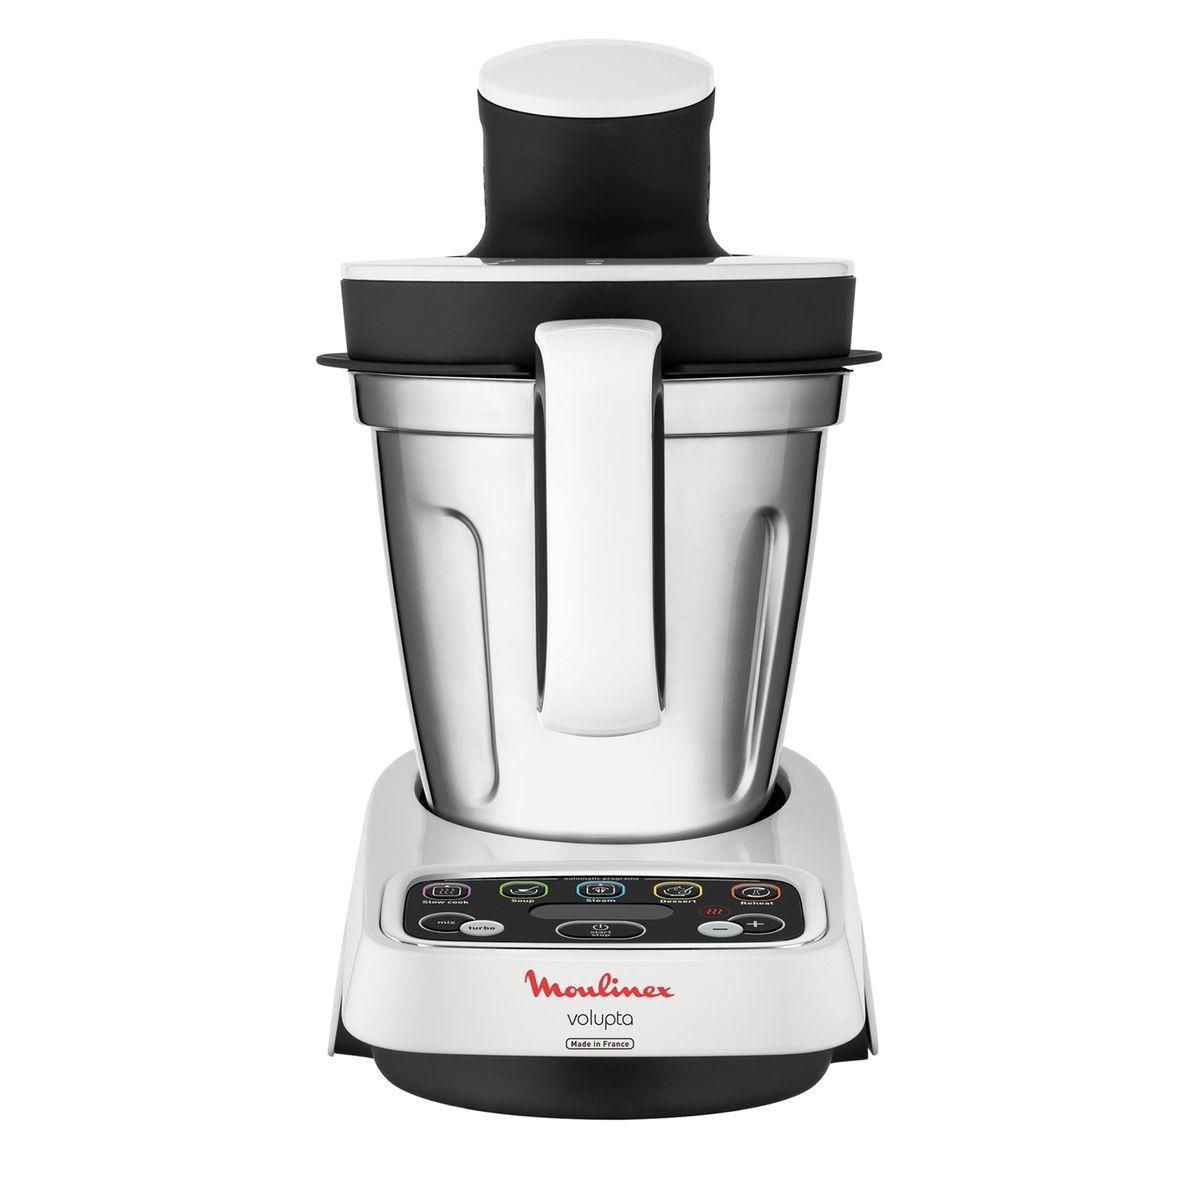 robot cuiseur moulinex volupta hf404110 vendu par boulanger 16560406. Black Bedroom Furniture Sets. Home Design Ideas